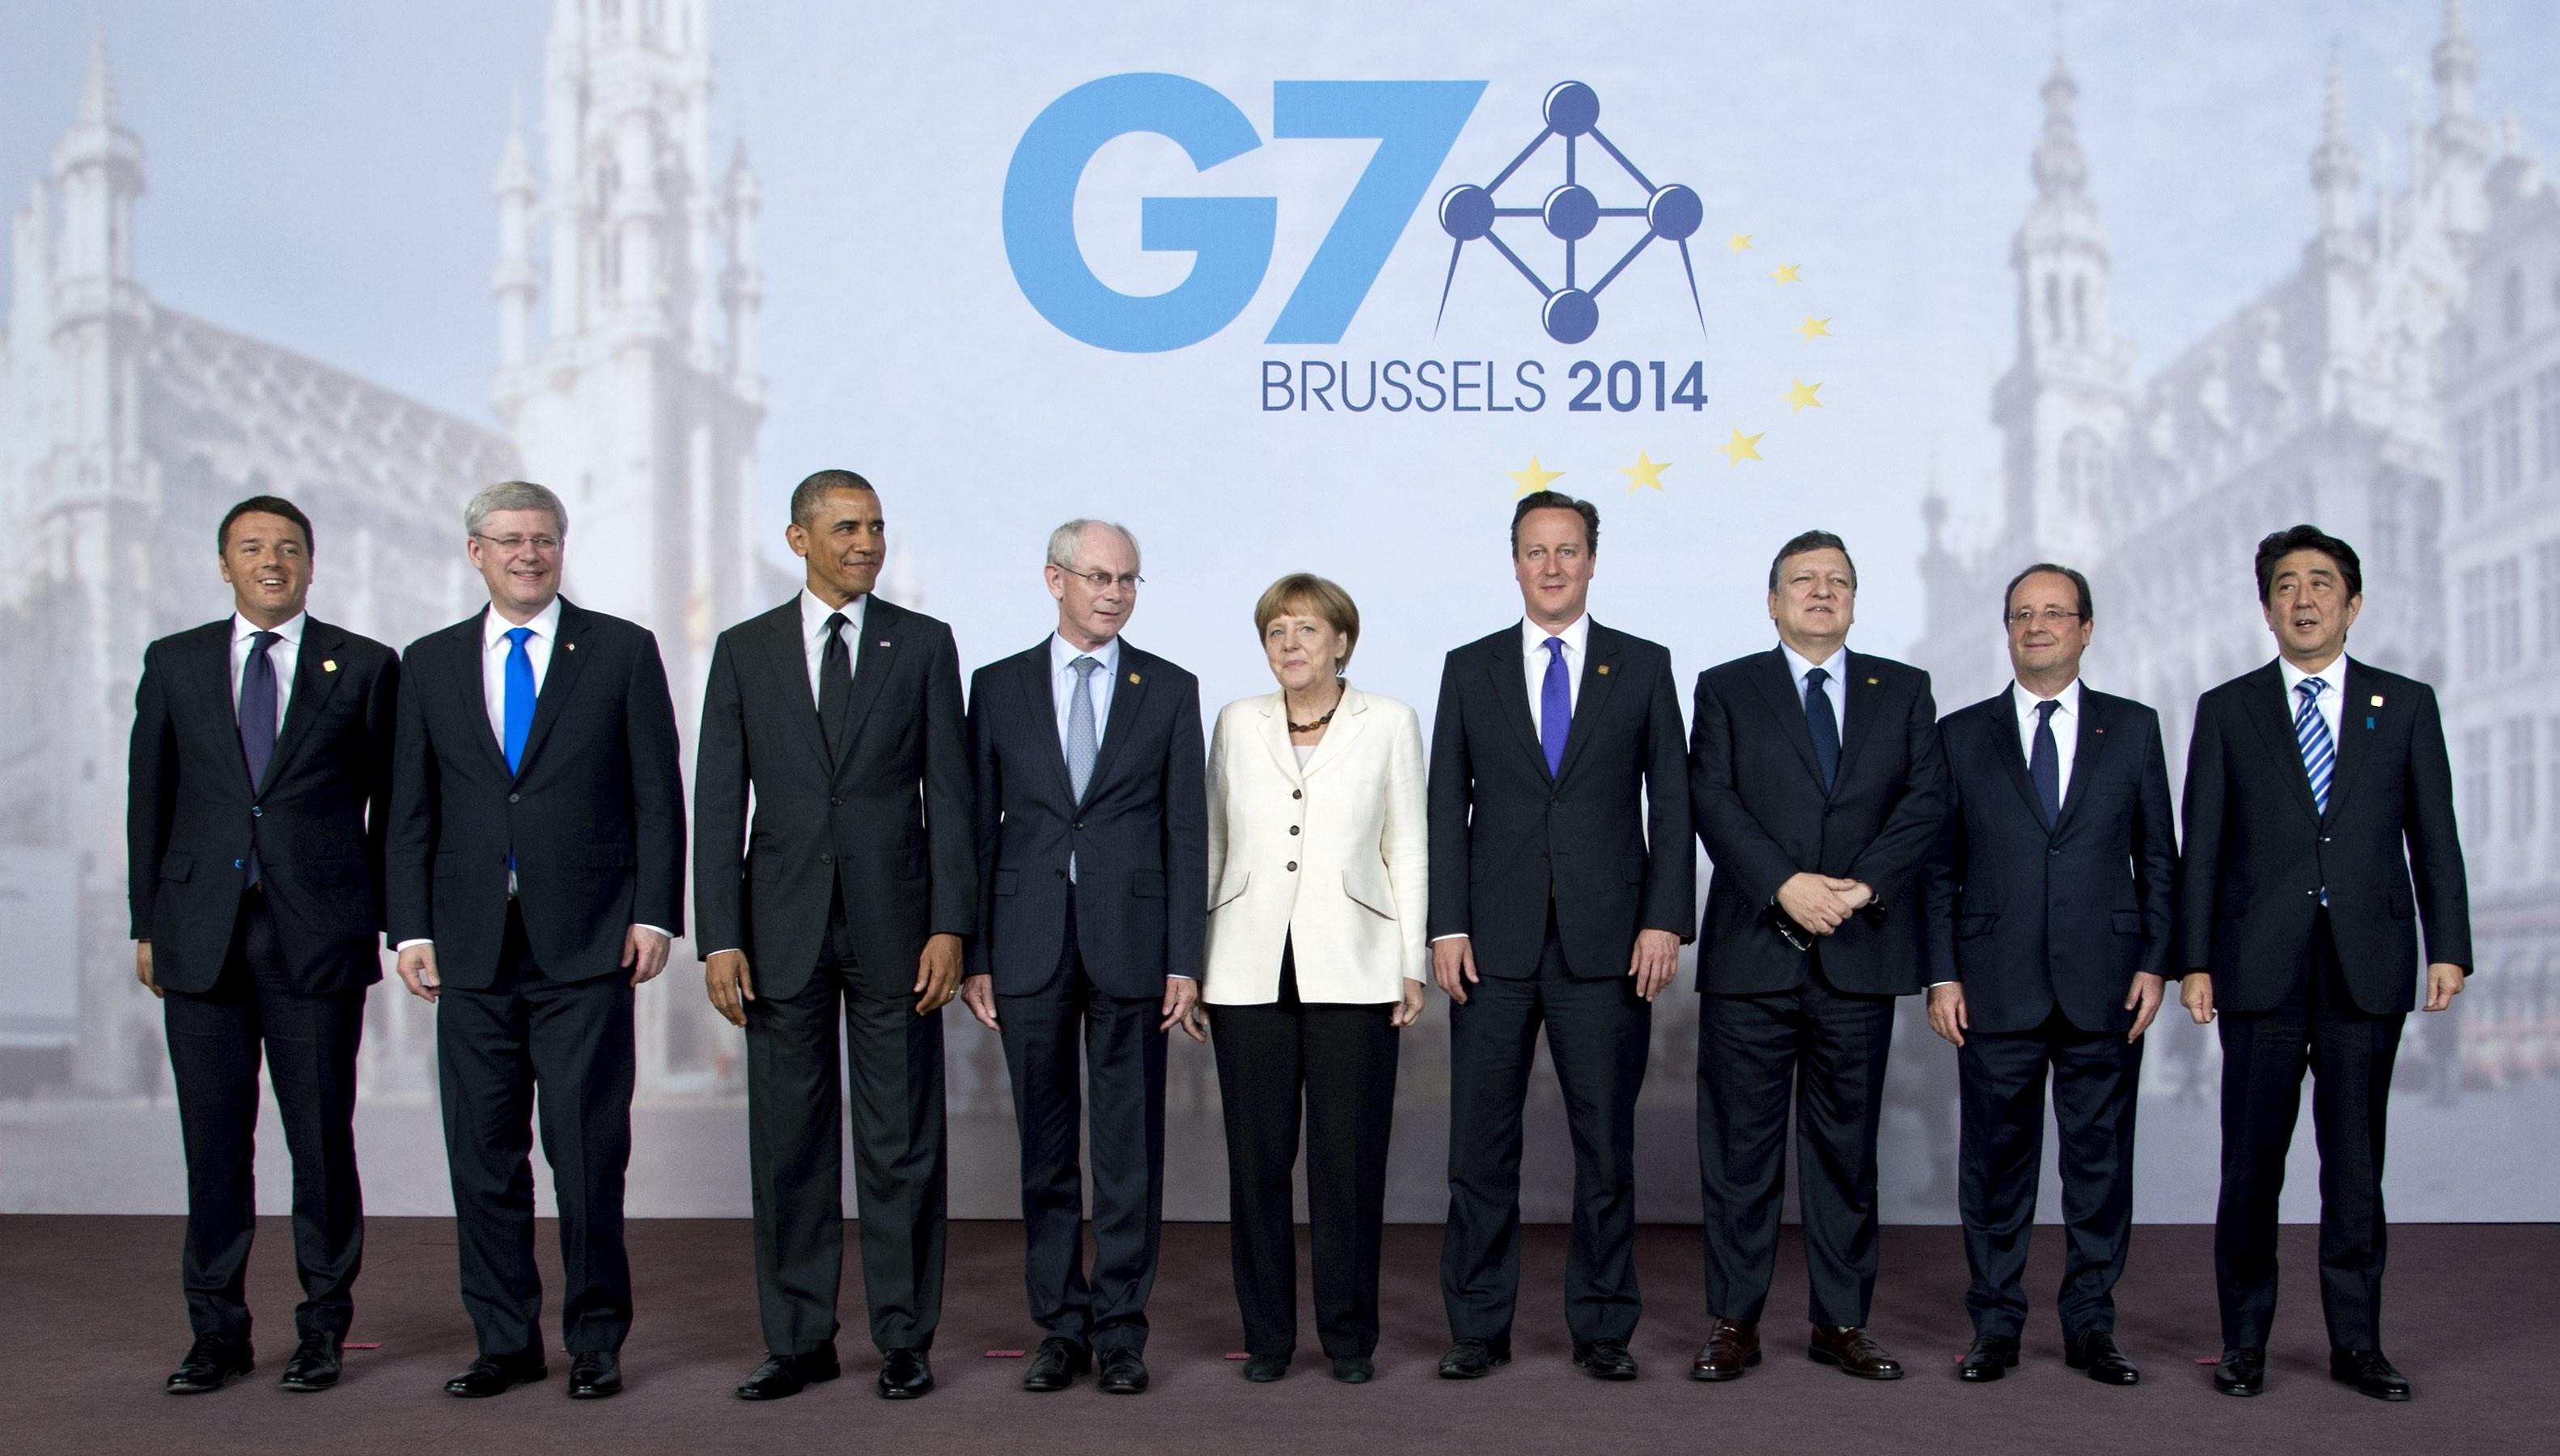 Лидеры стран участниц саммита G7 в Брюсселе